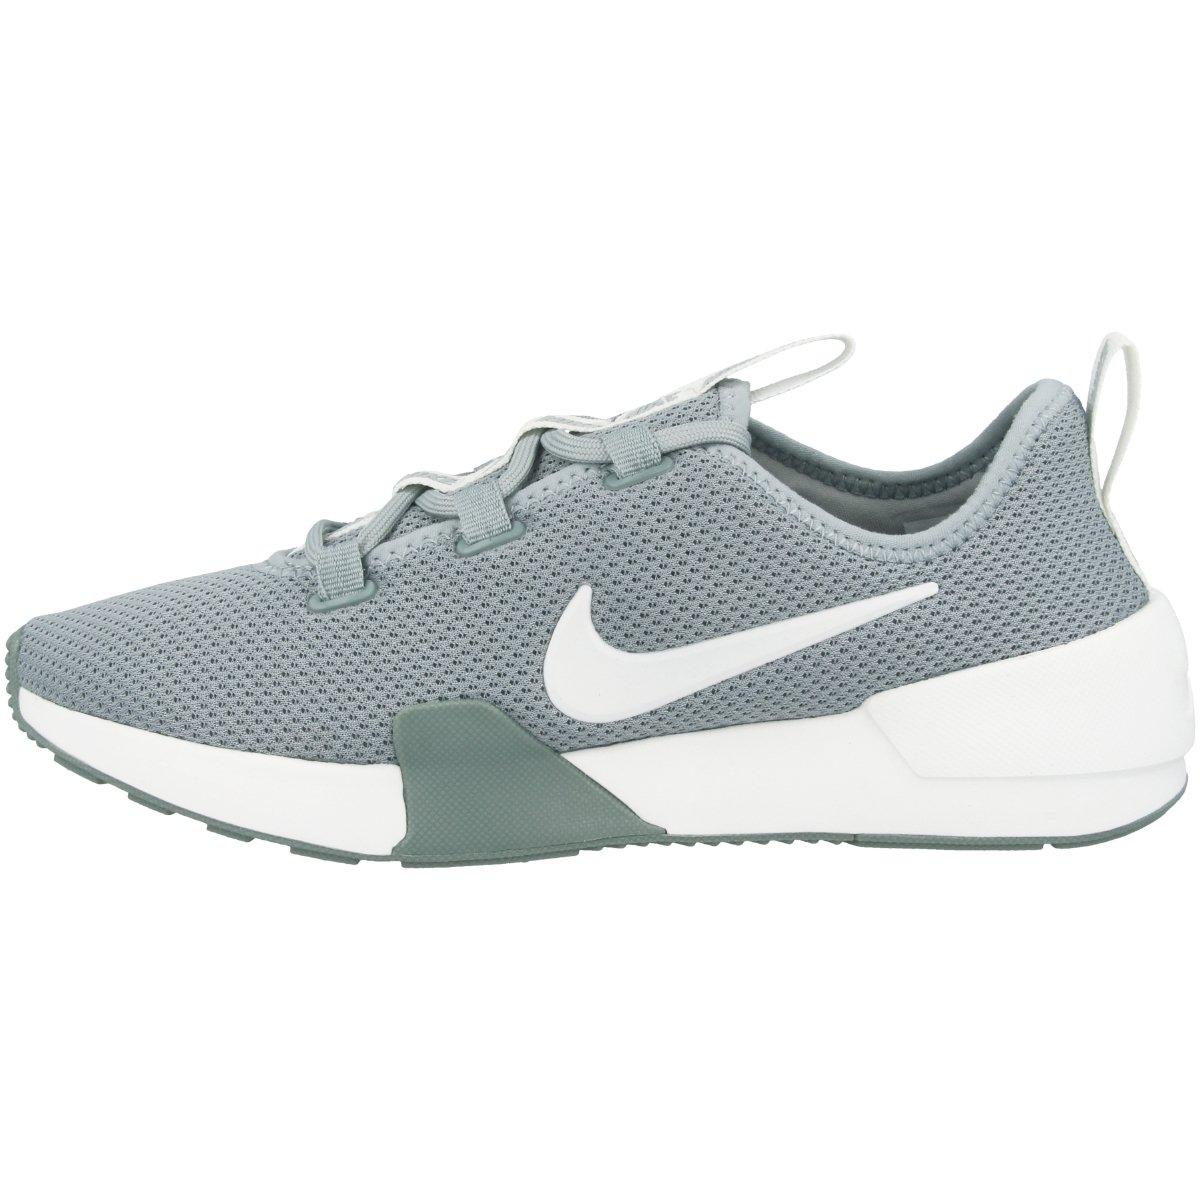 Nike Damen W Ashin Modern Laufschuhe Laufschuhe Laufschuhe  55fdb6